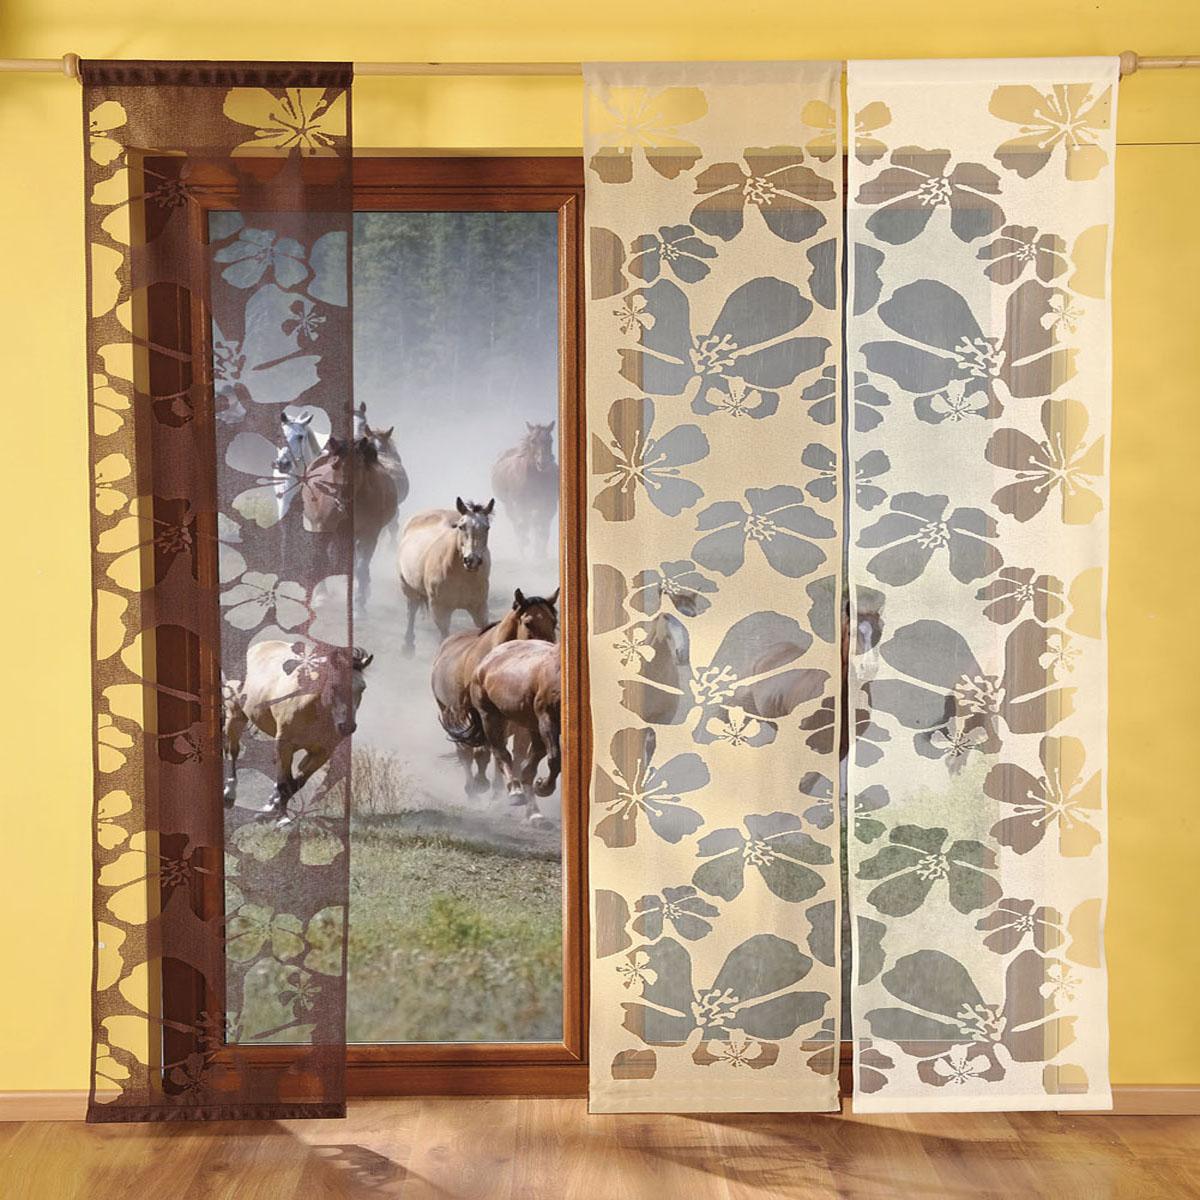 Гардина Wisan, на кулиске, цвет: кремовый, высота 240 см. 98979897 кремГардина Wisan, выполненная из легкого полупрозрачного полиэстера, станет великолепным украшением окна в спальне или гостиной. Изделие дополнено красивыми цветочными узорами по всей поверхности полотна. Качественный материал, тонкое плетение и оригинальный дизайн привлекут к себе внимание и позволят гардине органично вписаться в интерьер помещения. Гардина оснащена кулиской для крепления на круглый карниз.